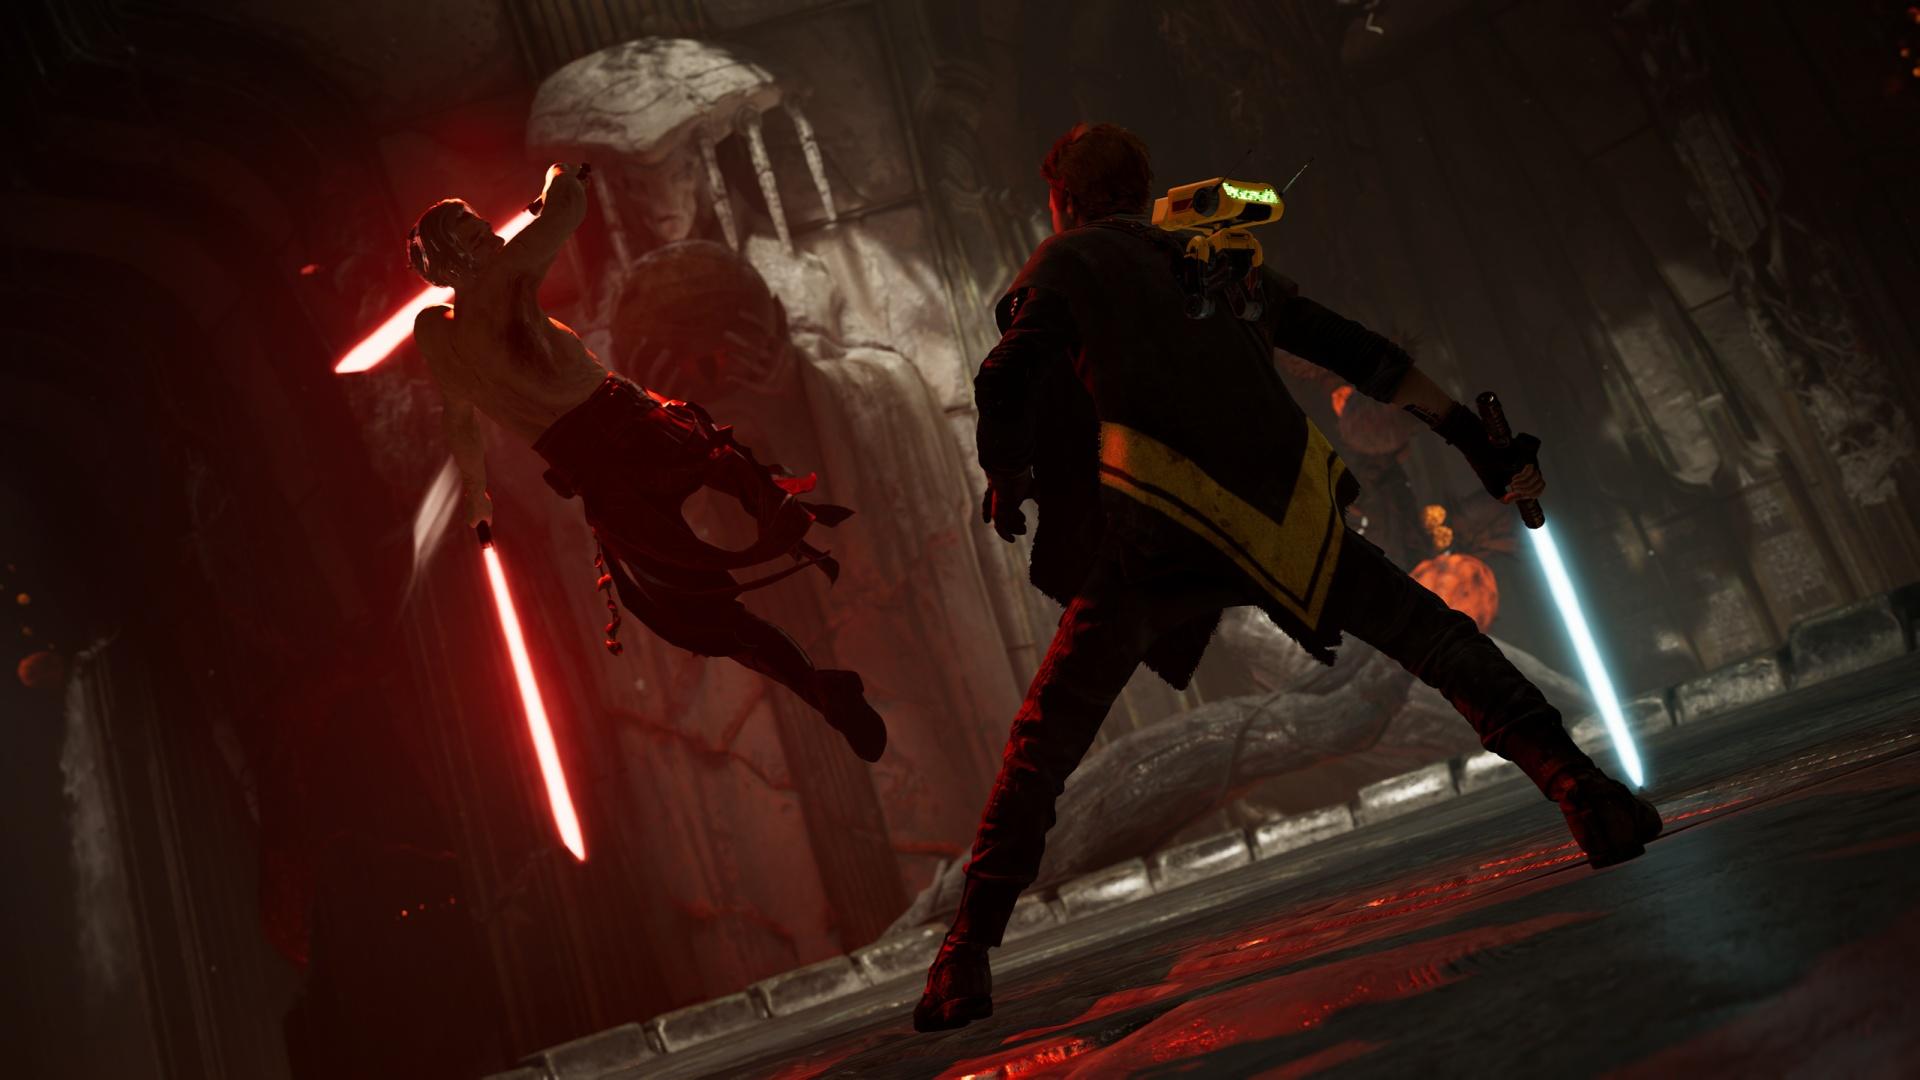 СМИ: ЕА одобрила создание сиквела Star Wars Jedi: Fallen Order ещё до релиза игры